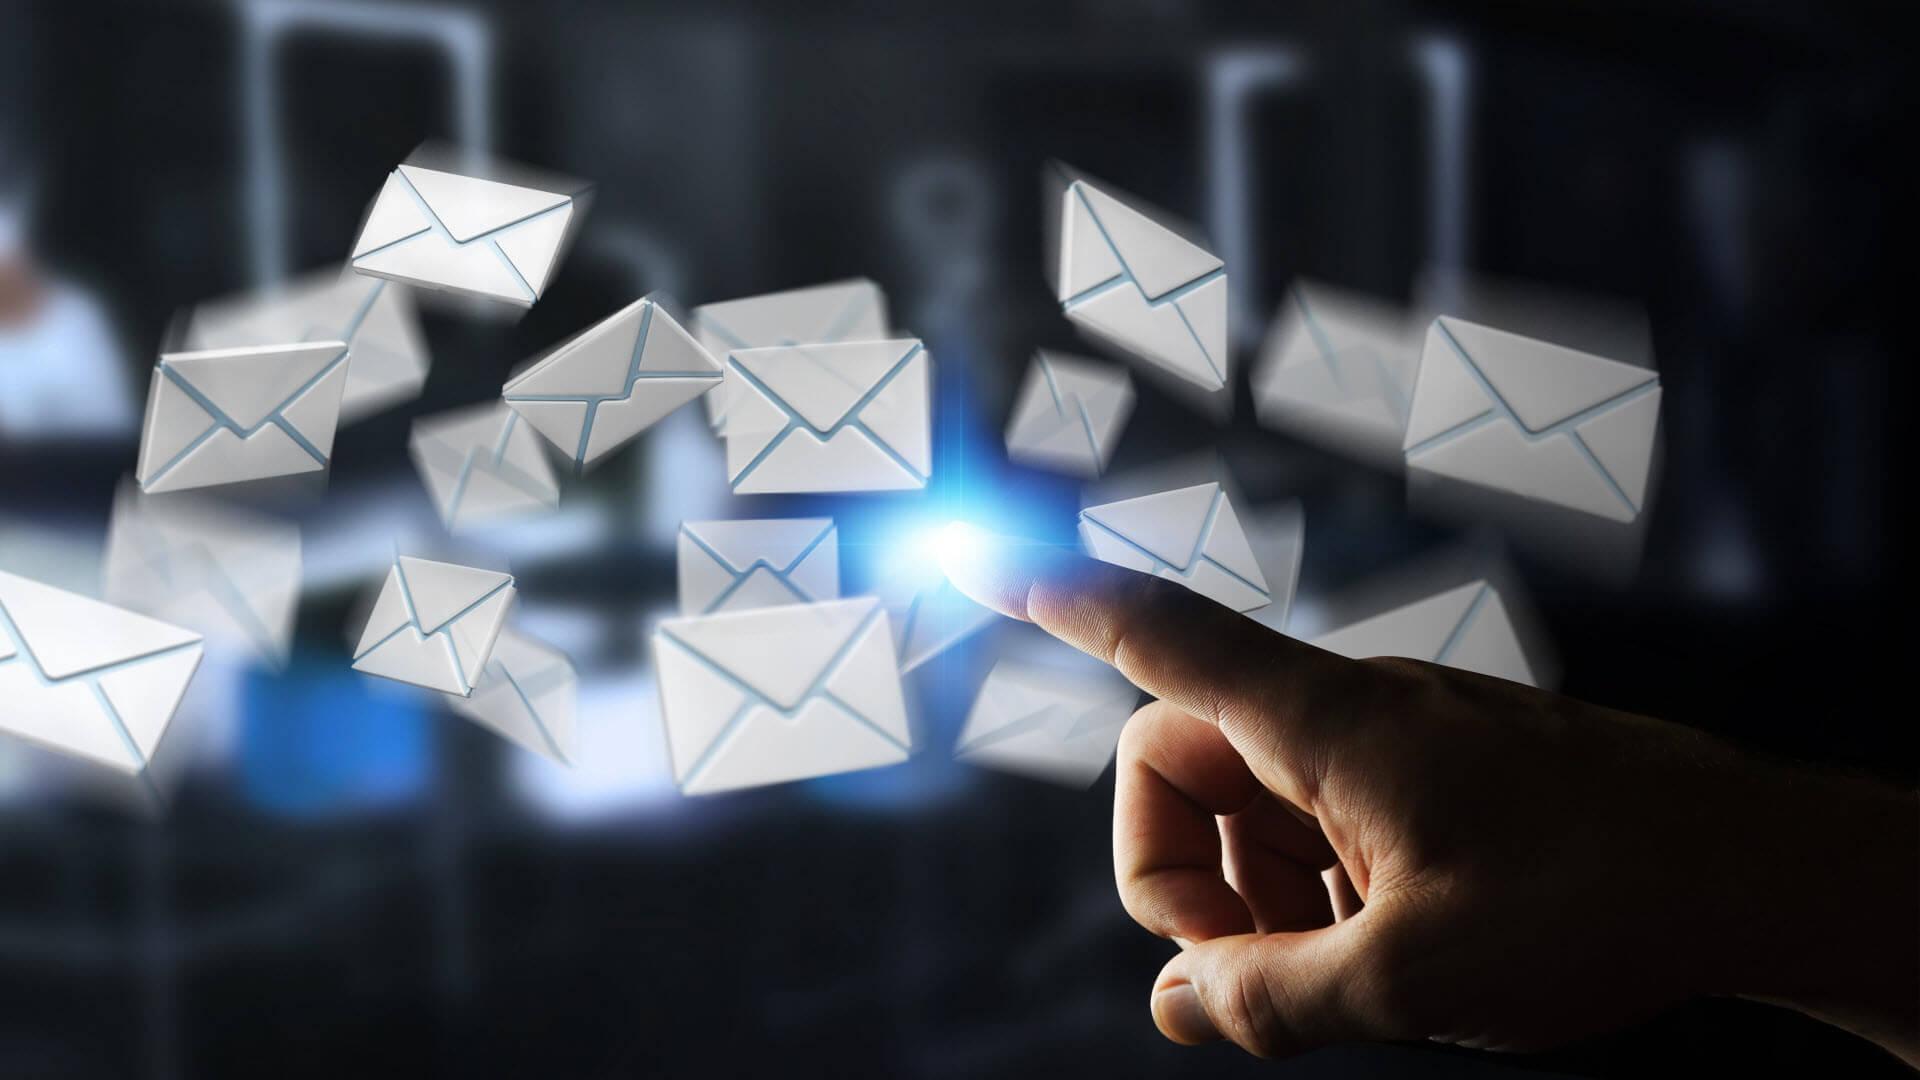 concertación visitas comerciales por e-mail